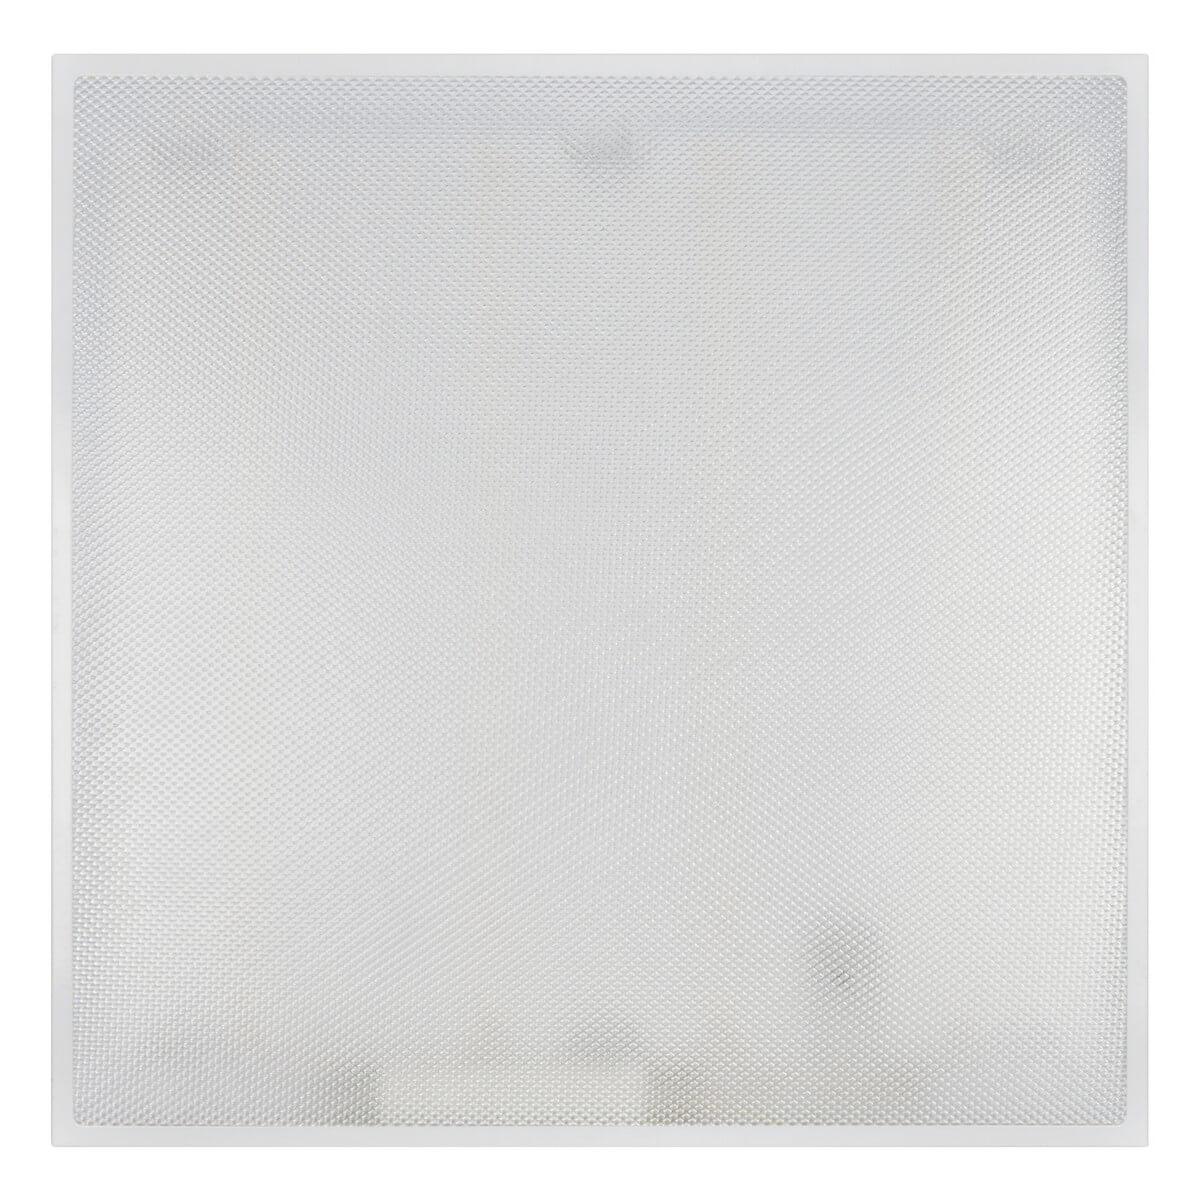 купить Встраиваемый светодиодный светильник (UL-00004484) Uniel ULP-6060 54W/4000К IP54 Medical White дешево